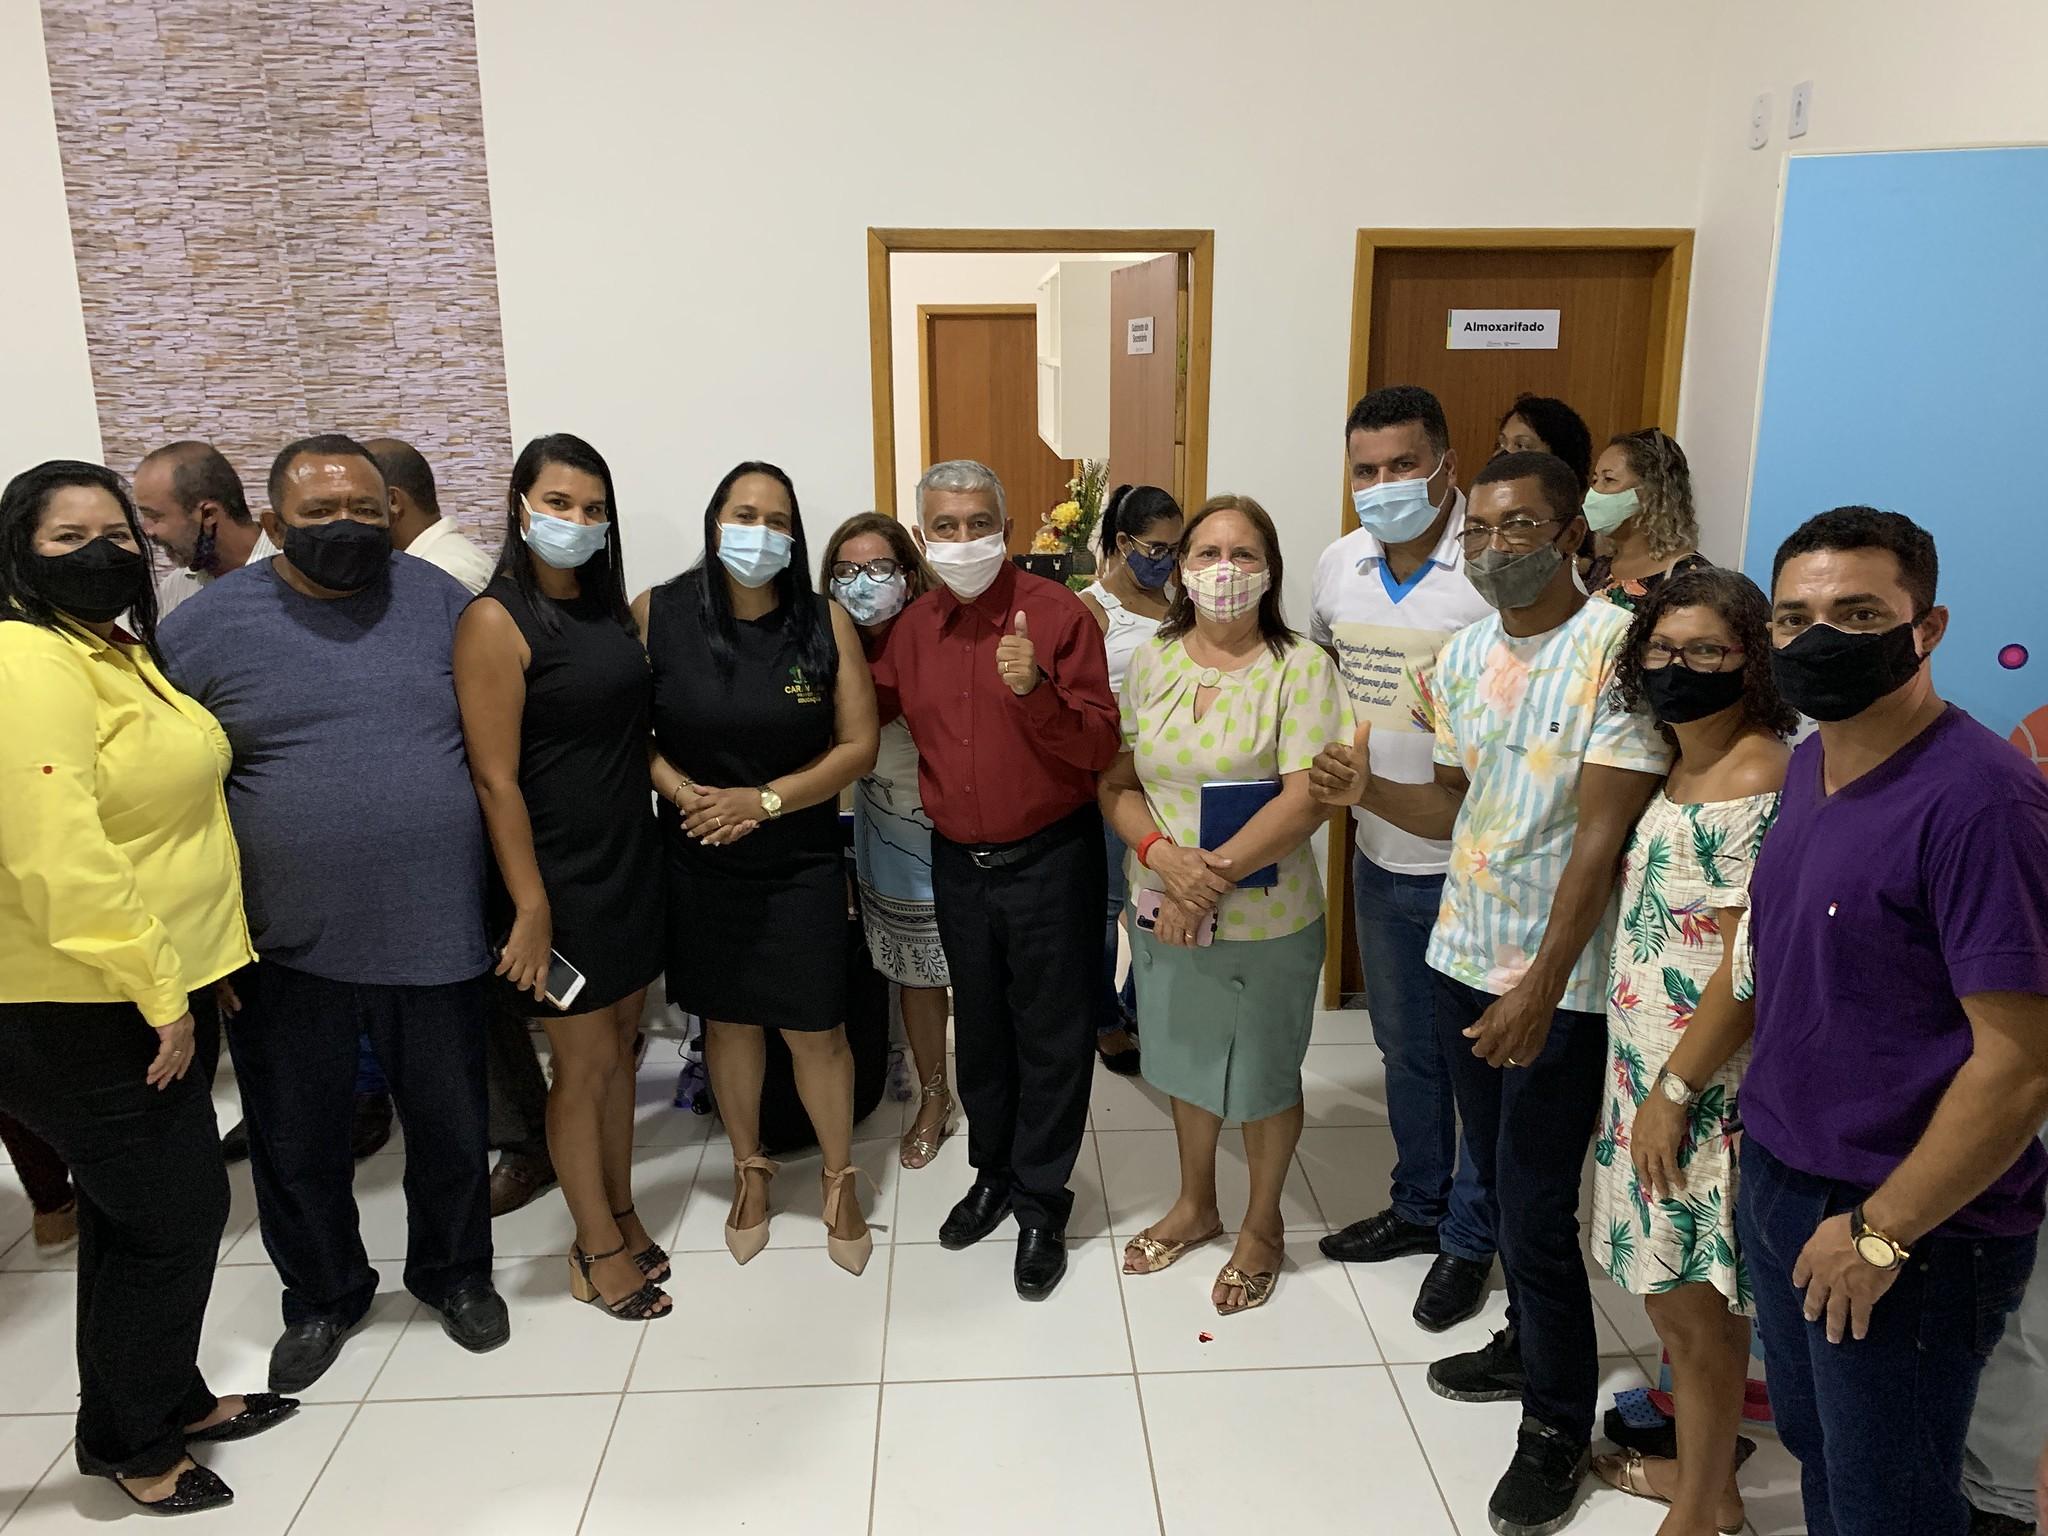 Jocivânia Caetano, Silvio Ramalho Gilmar de Souza e Doutor Adauto